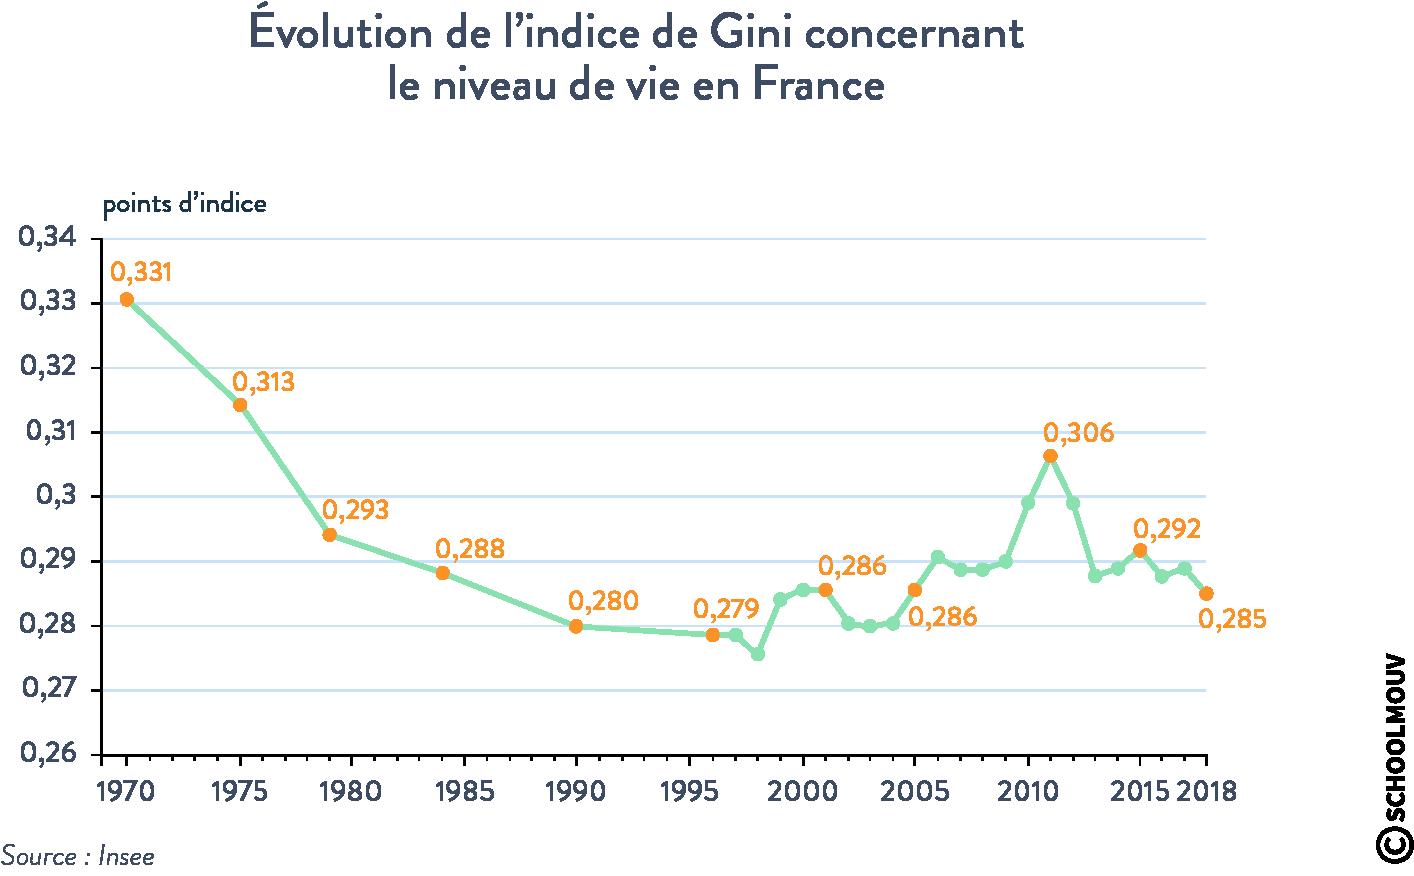 Évolution indice de Gini niveau de vie en France